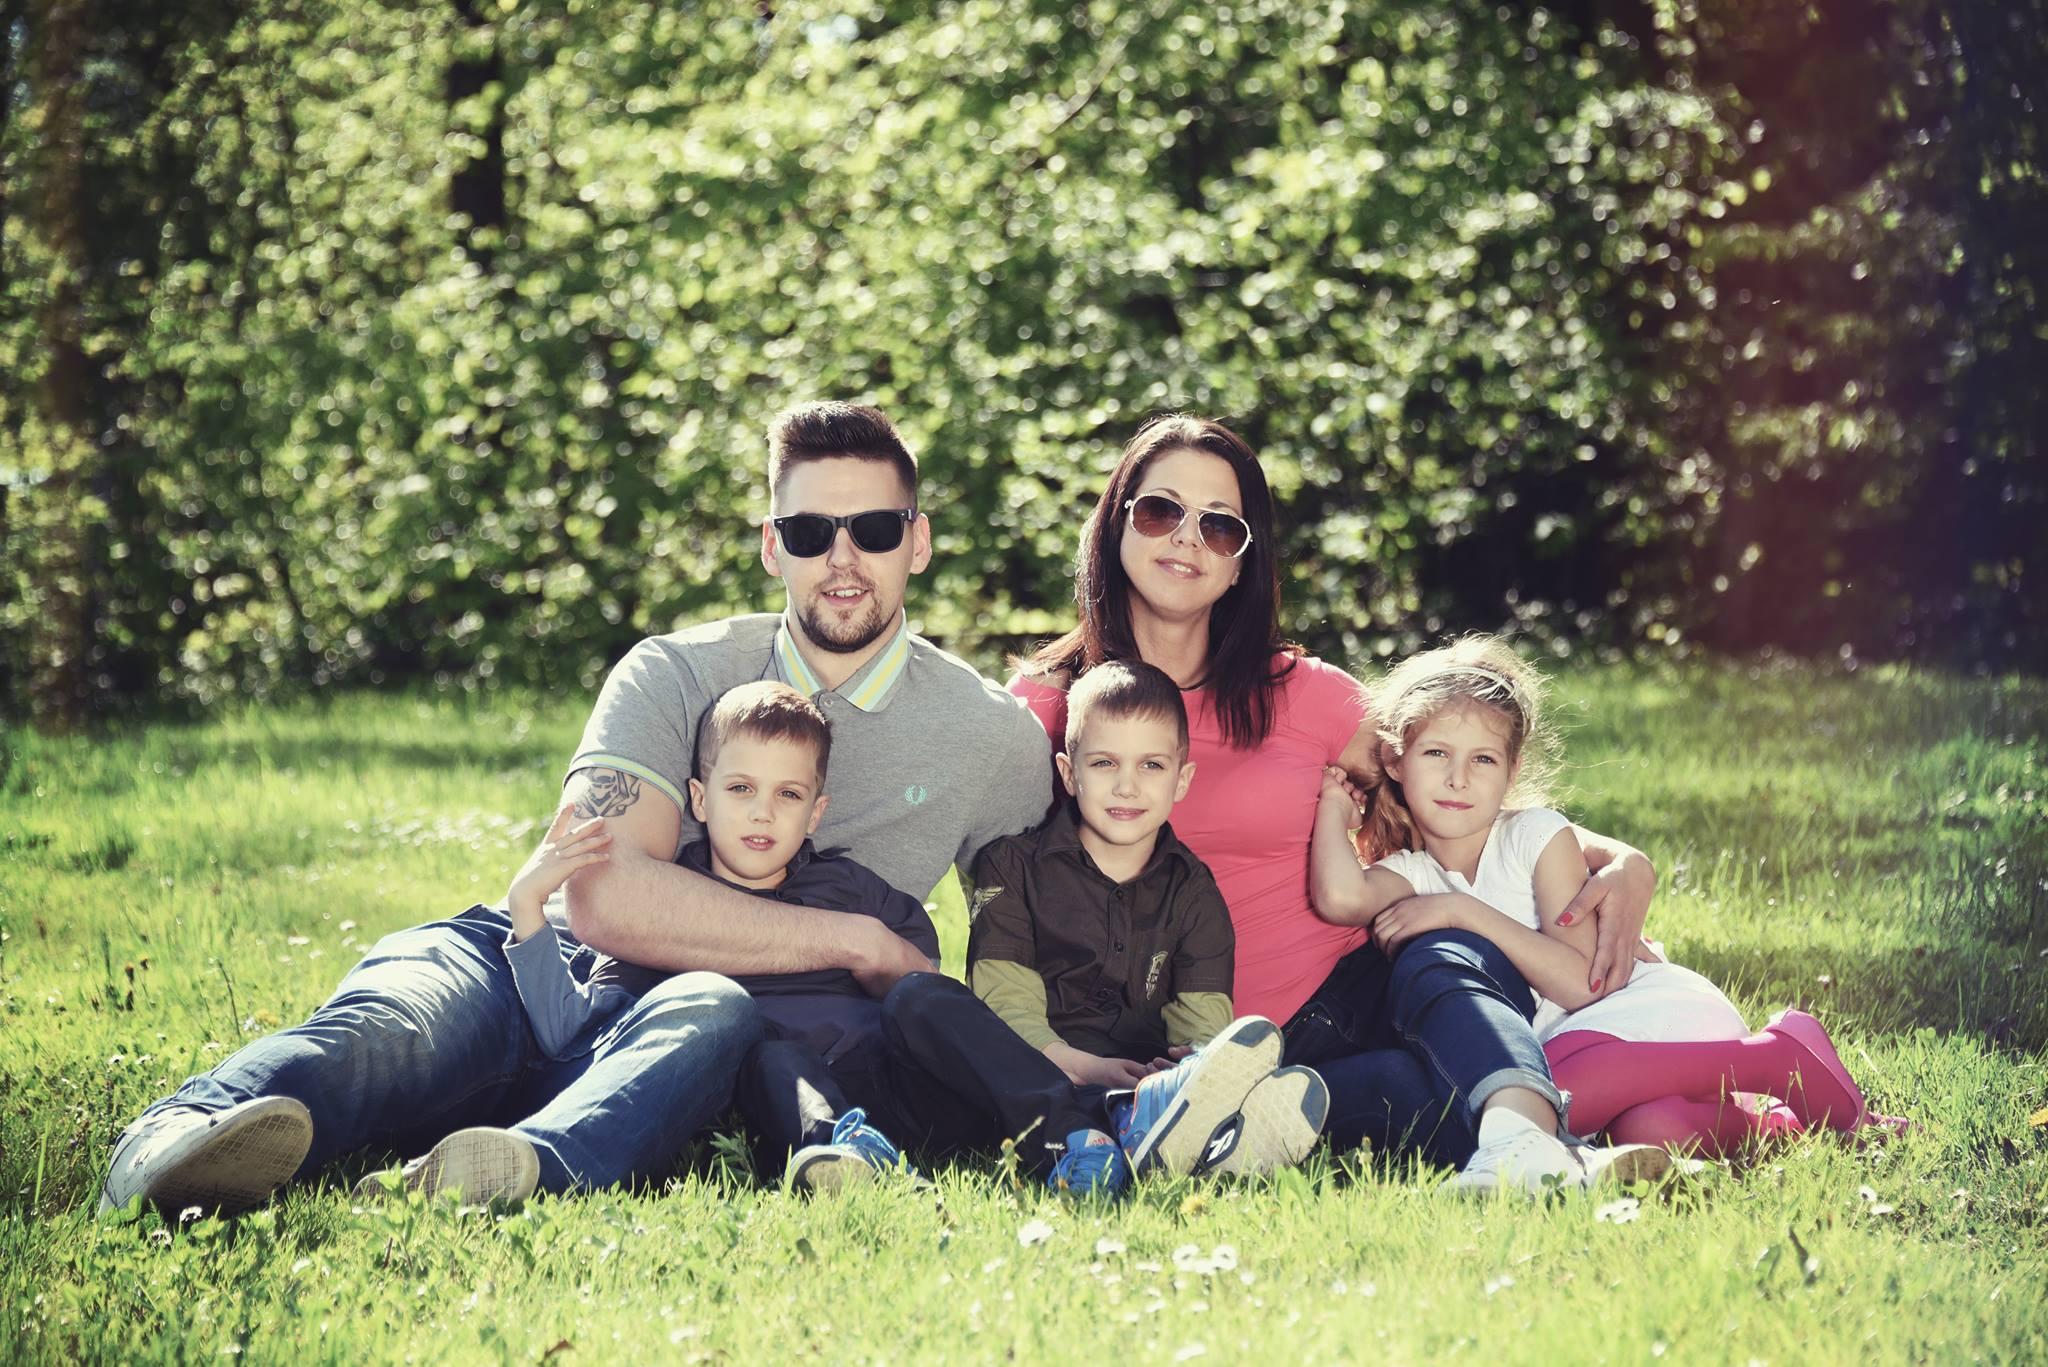 družinska fotografija EnchPro